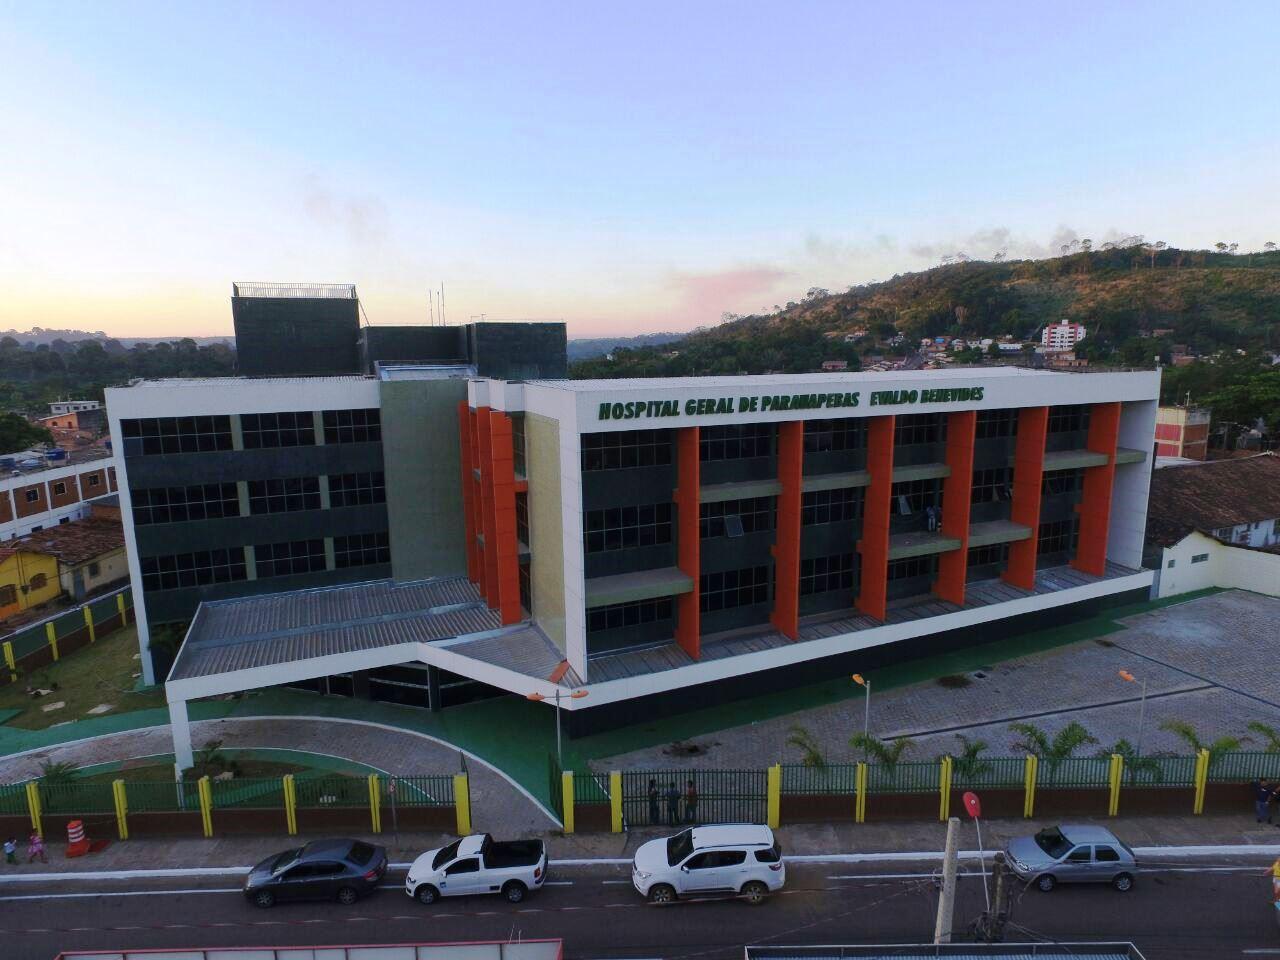 Problema na subestação de energia deixa Hospital Geral de Parauapebas sem energia